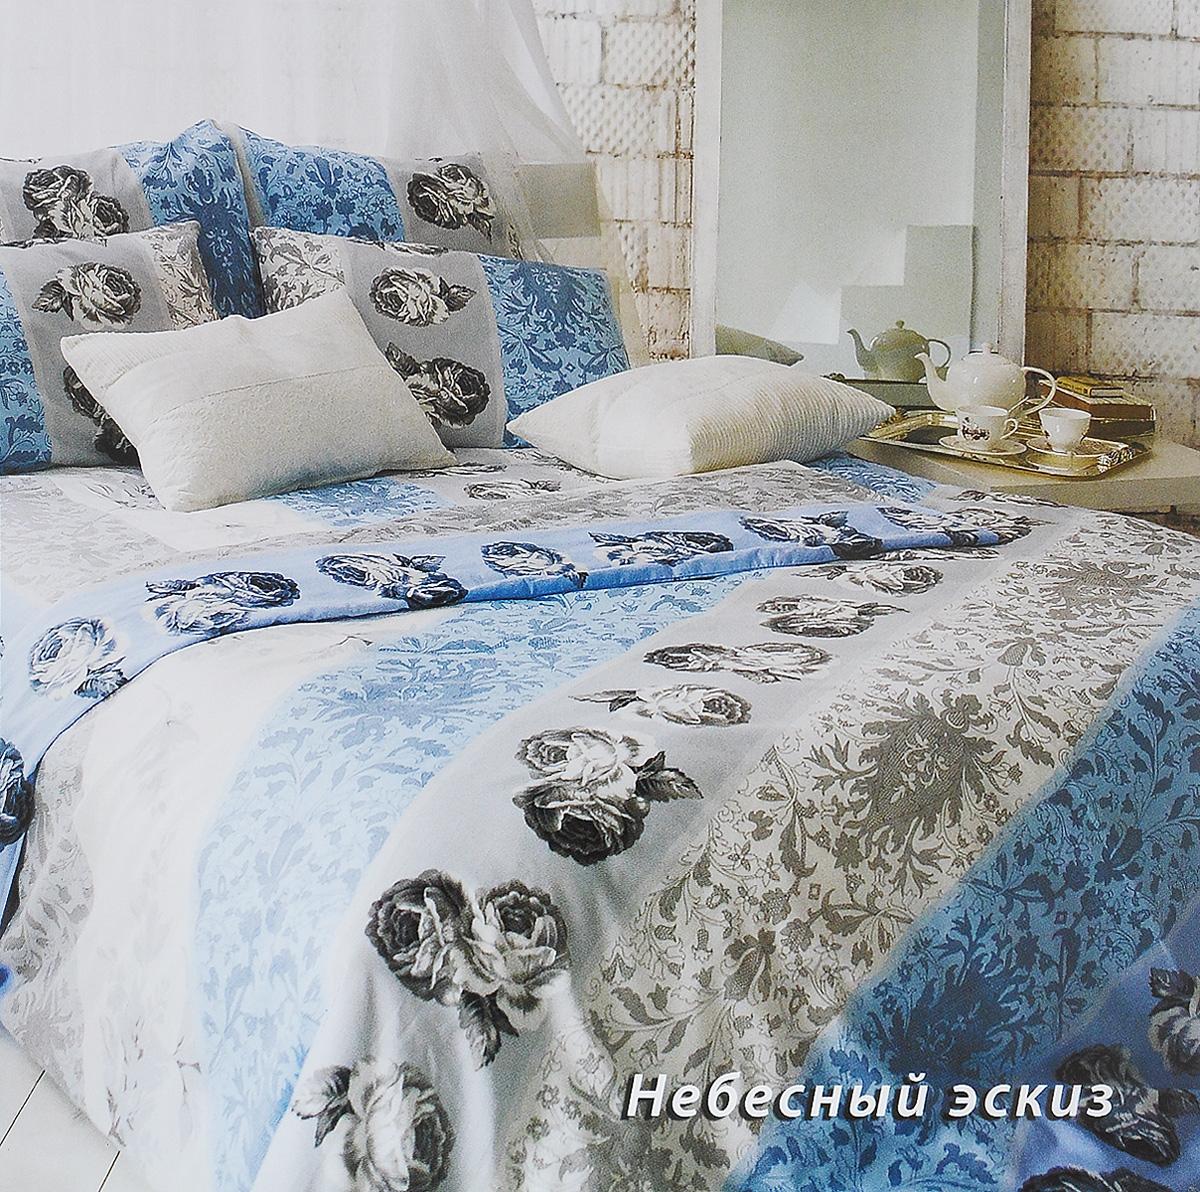 Комплект белья Tiffany's Secret Небесный эскиз, 1,5-спальный, наволочки 70х70, цвет: голубой, белый, серый комплект постельного белья tiffany s secret евро сатин небесный эскиз